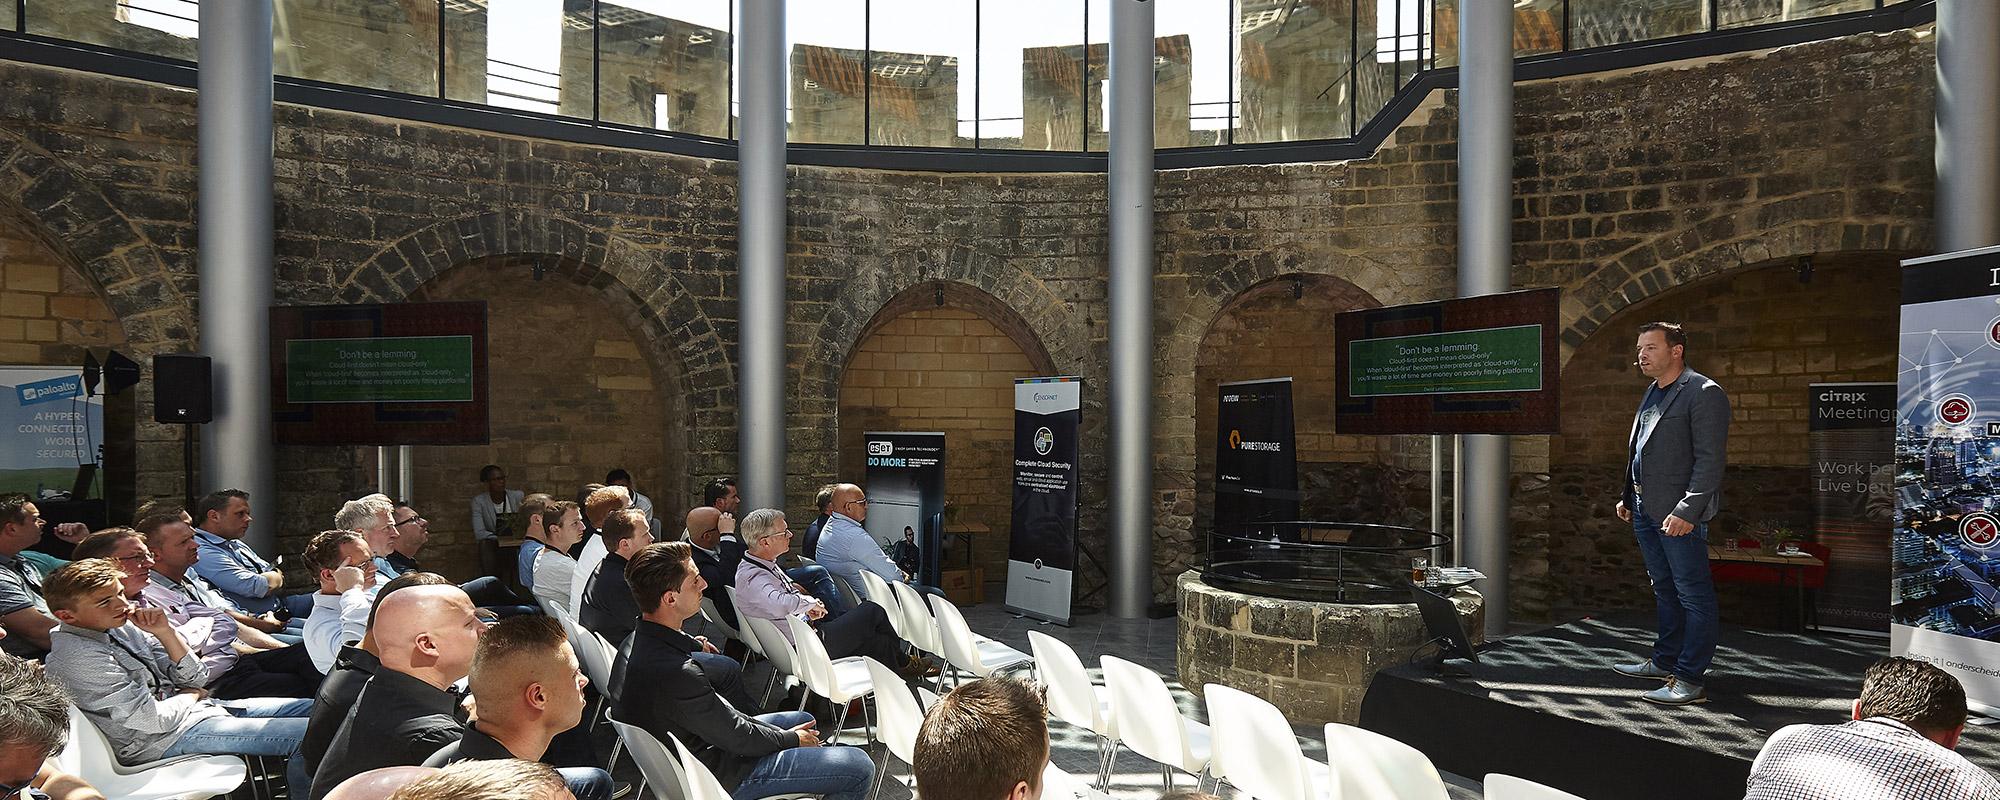 presentatie tijdens zakelijk business event